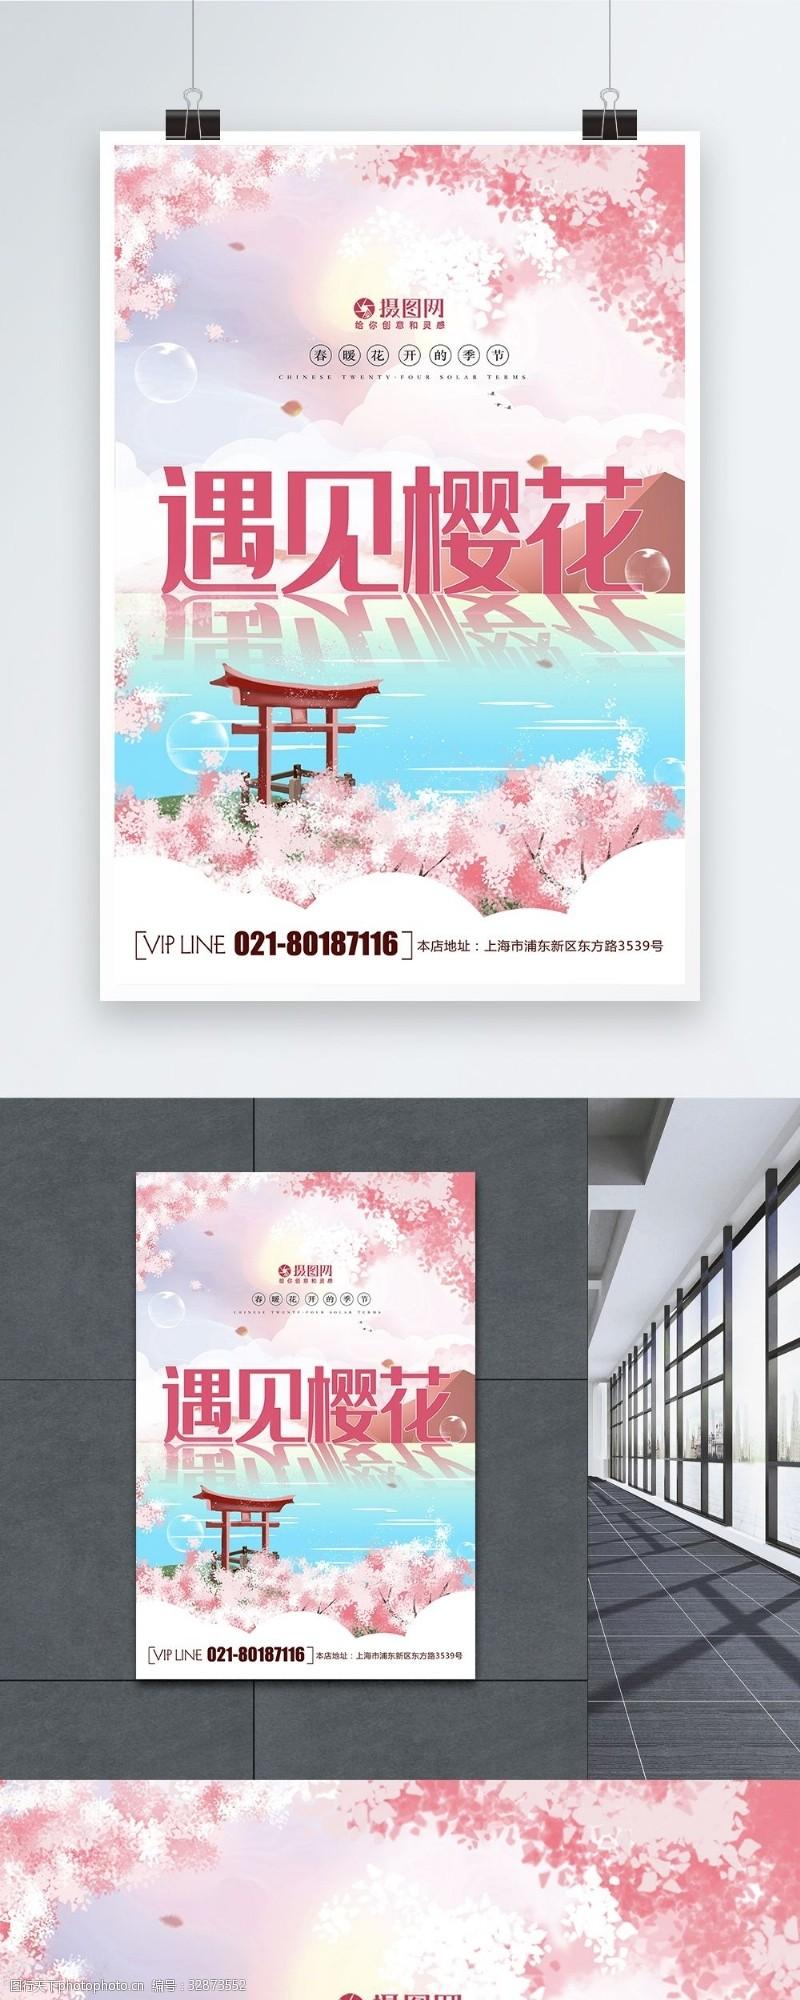 简约大气创意遇见樱花旅游海报